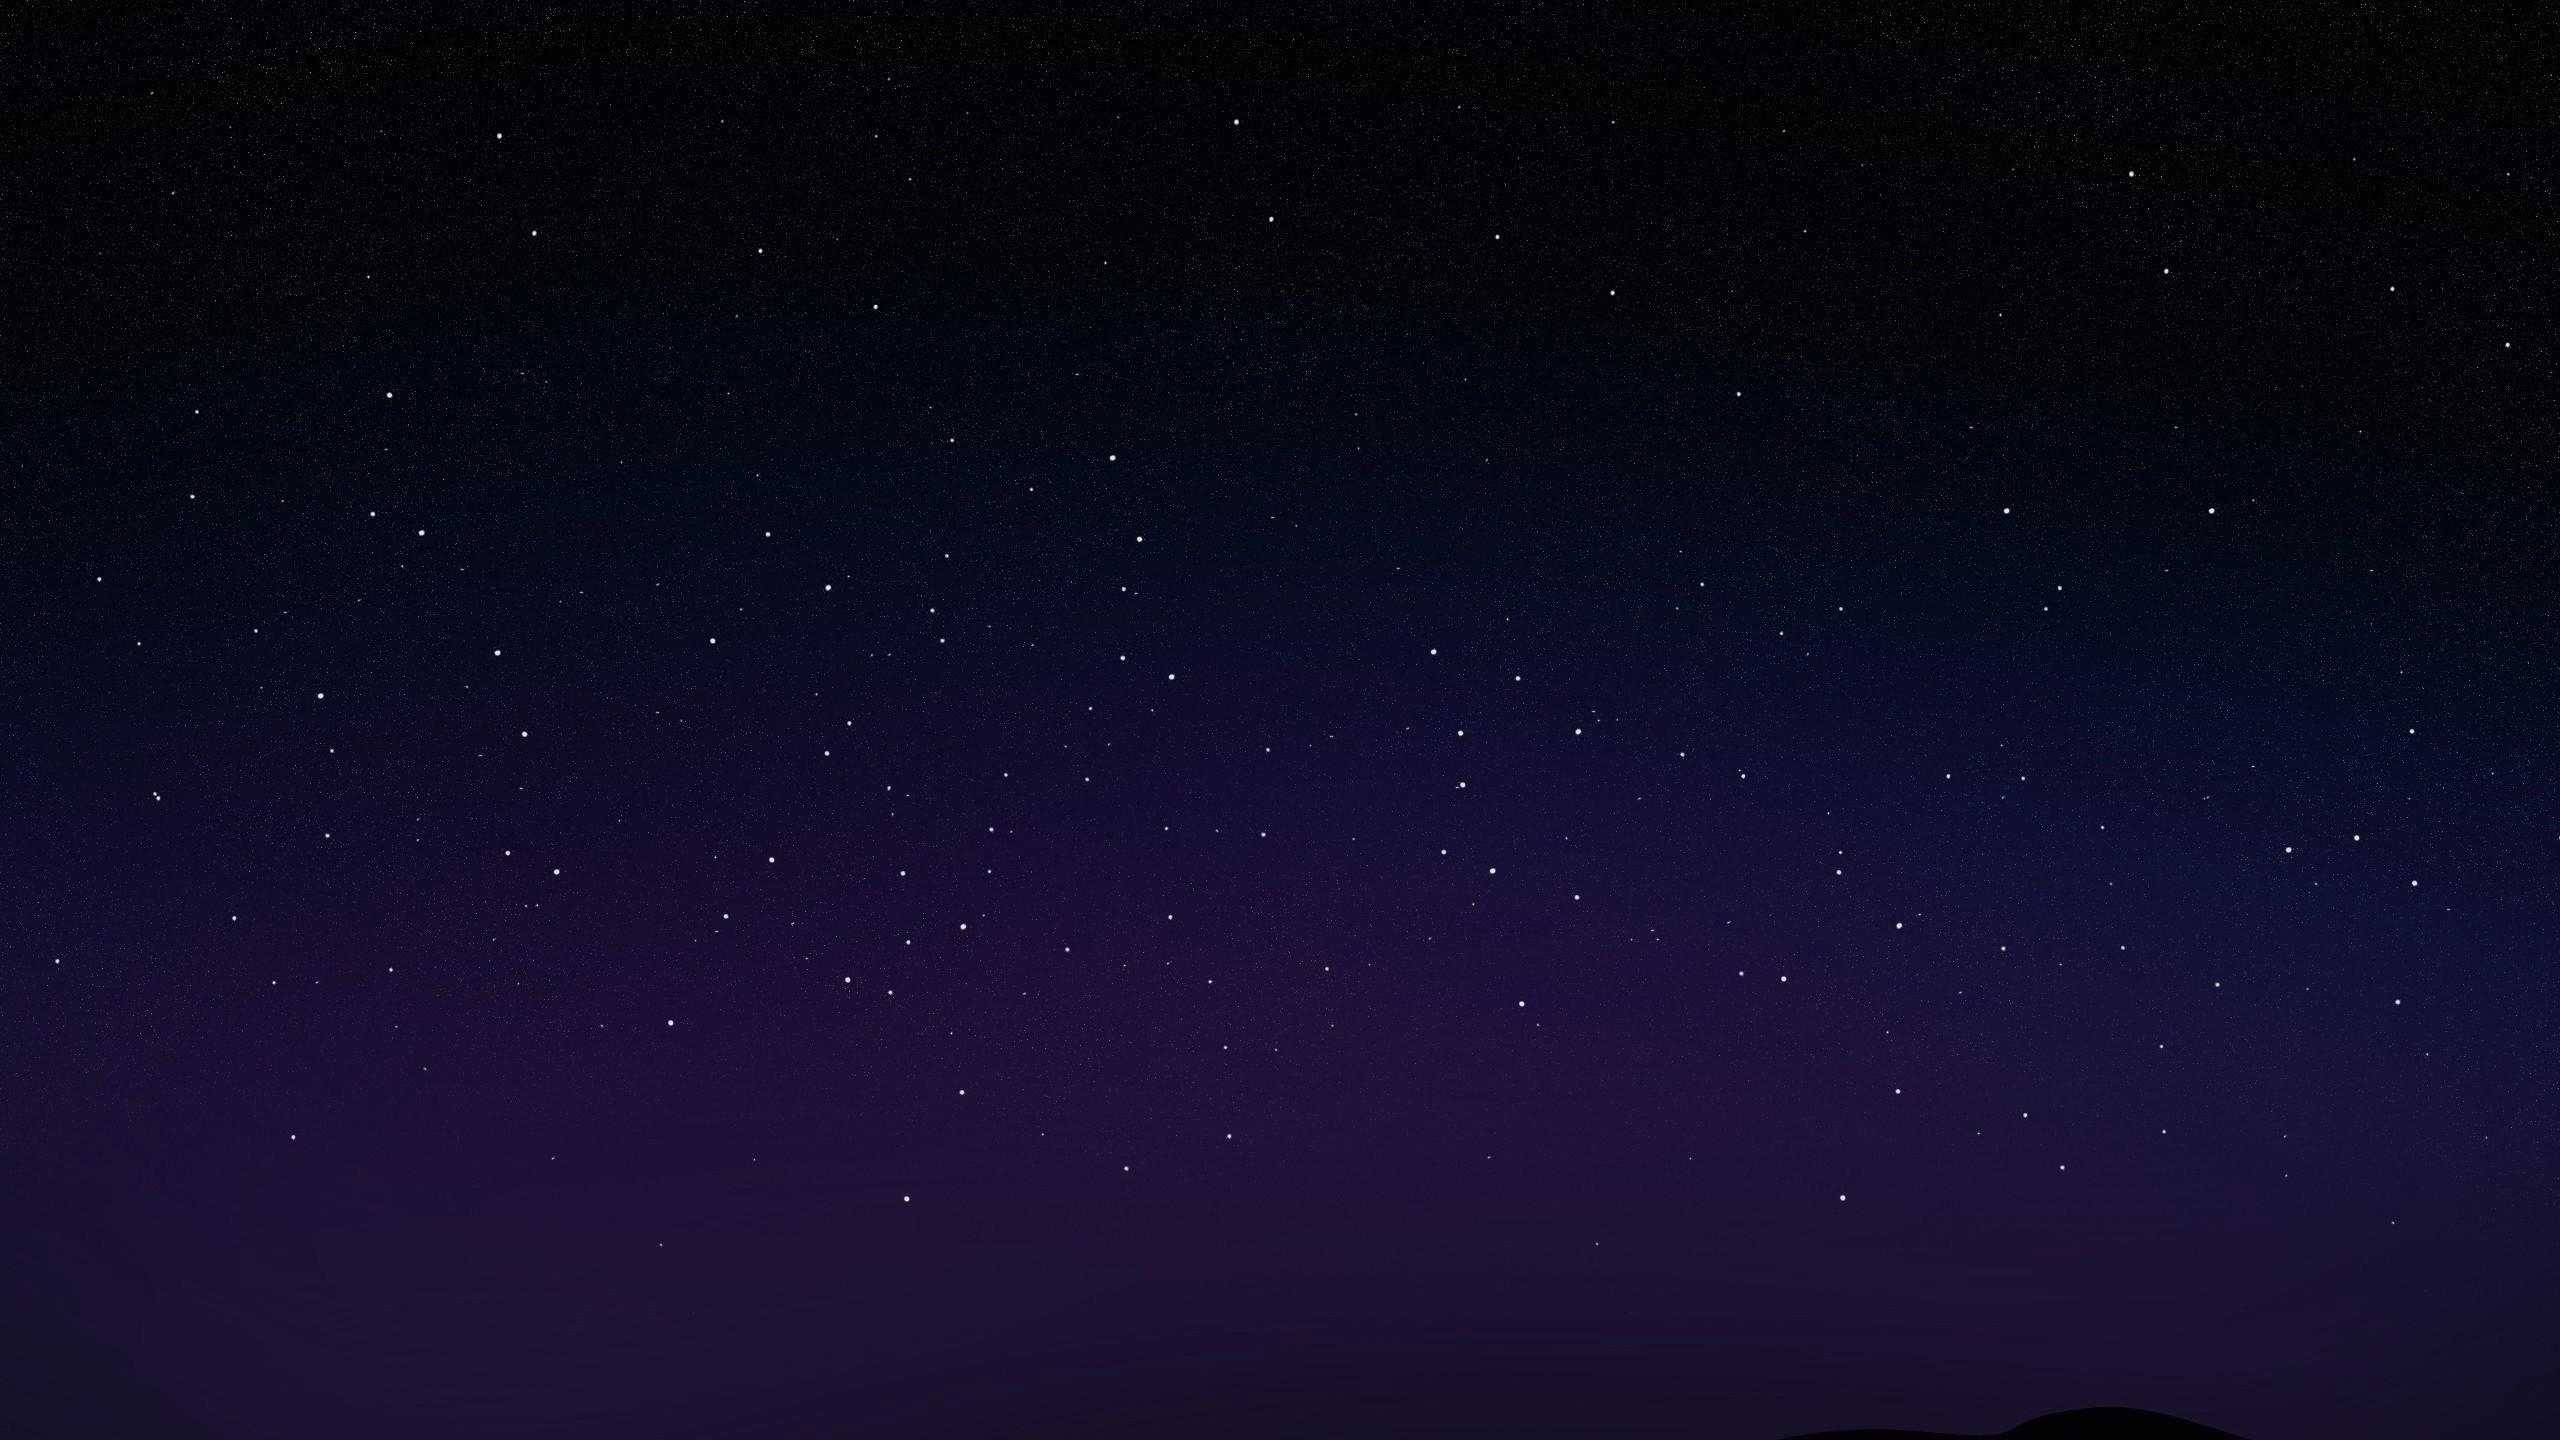 фото звезд в hd